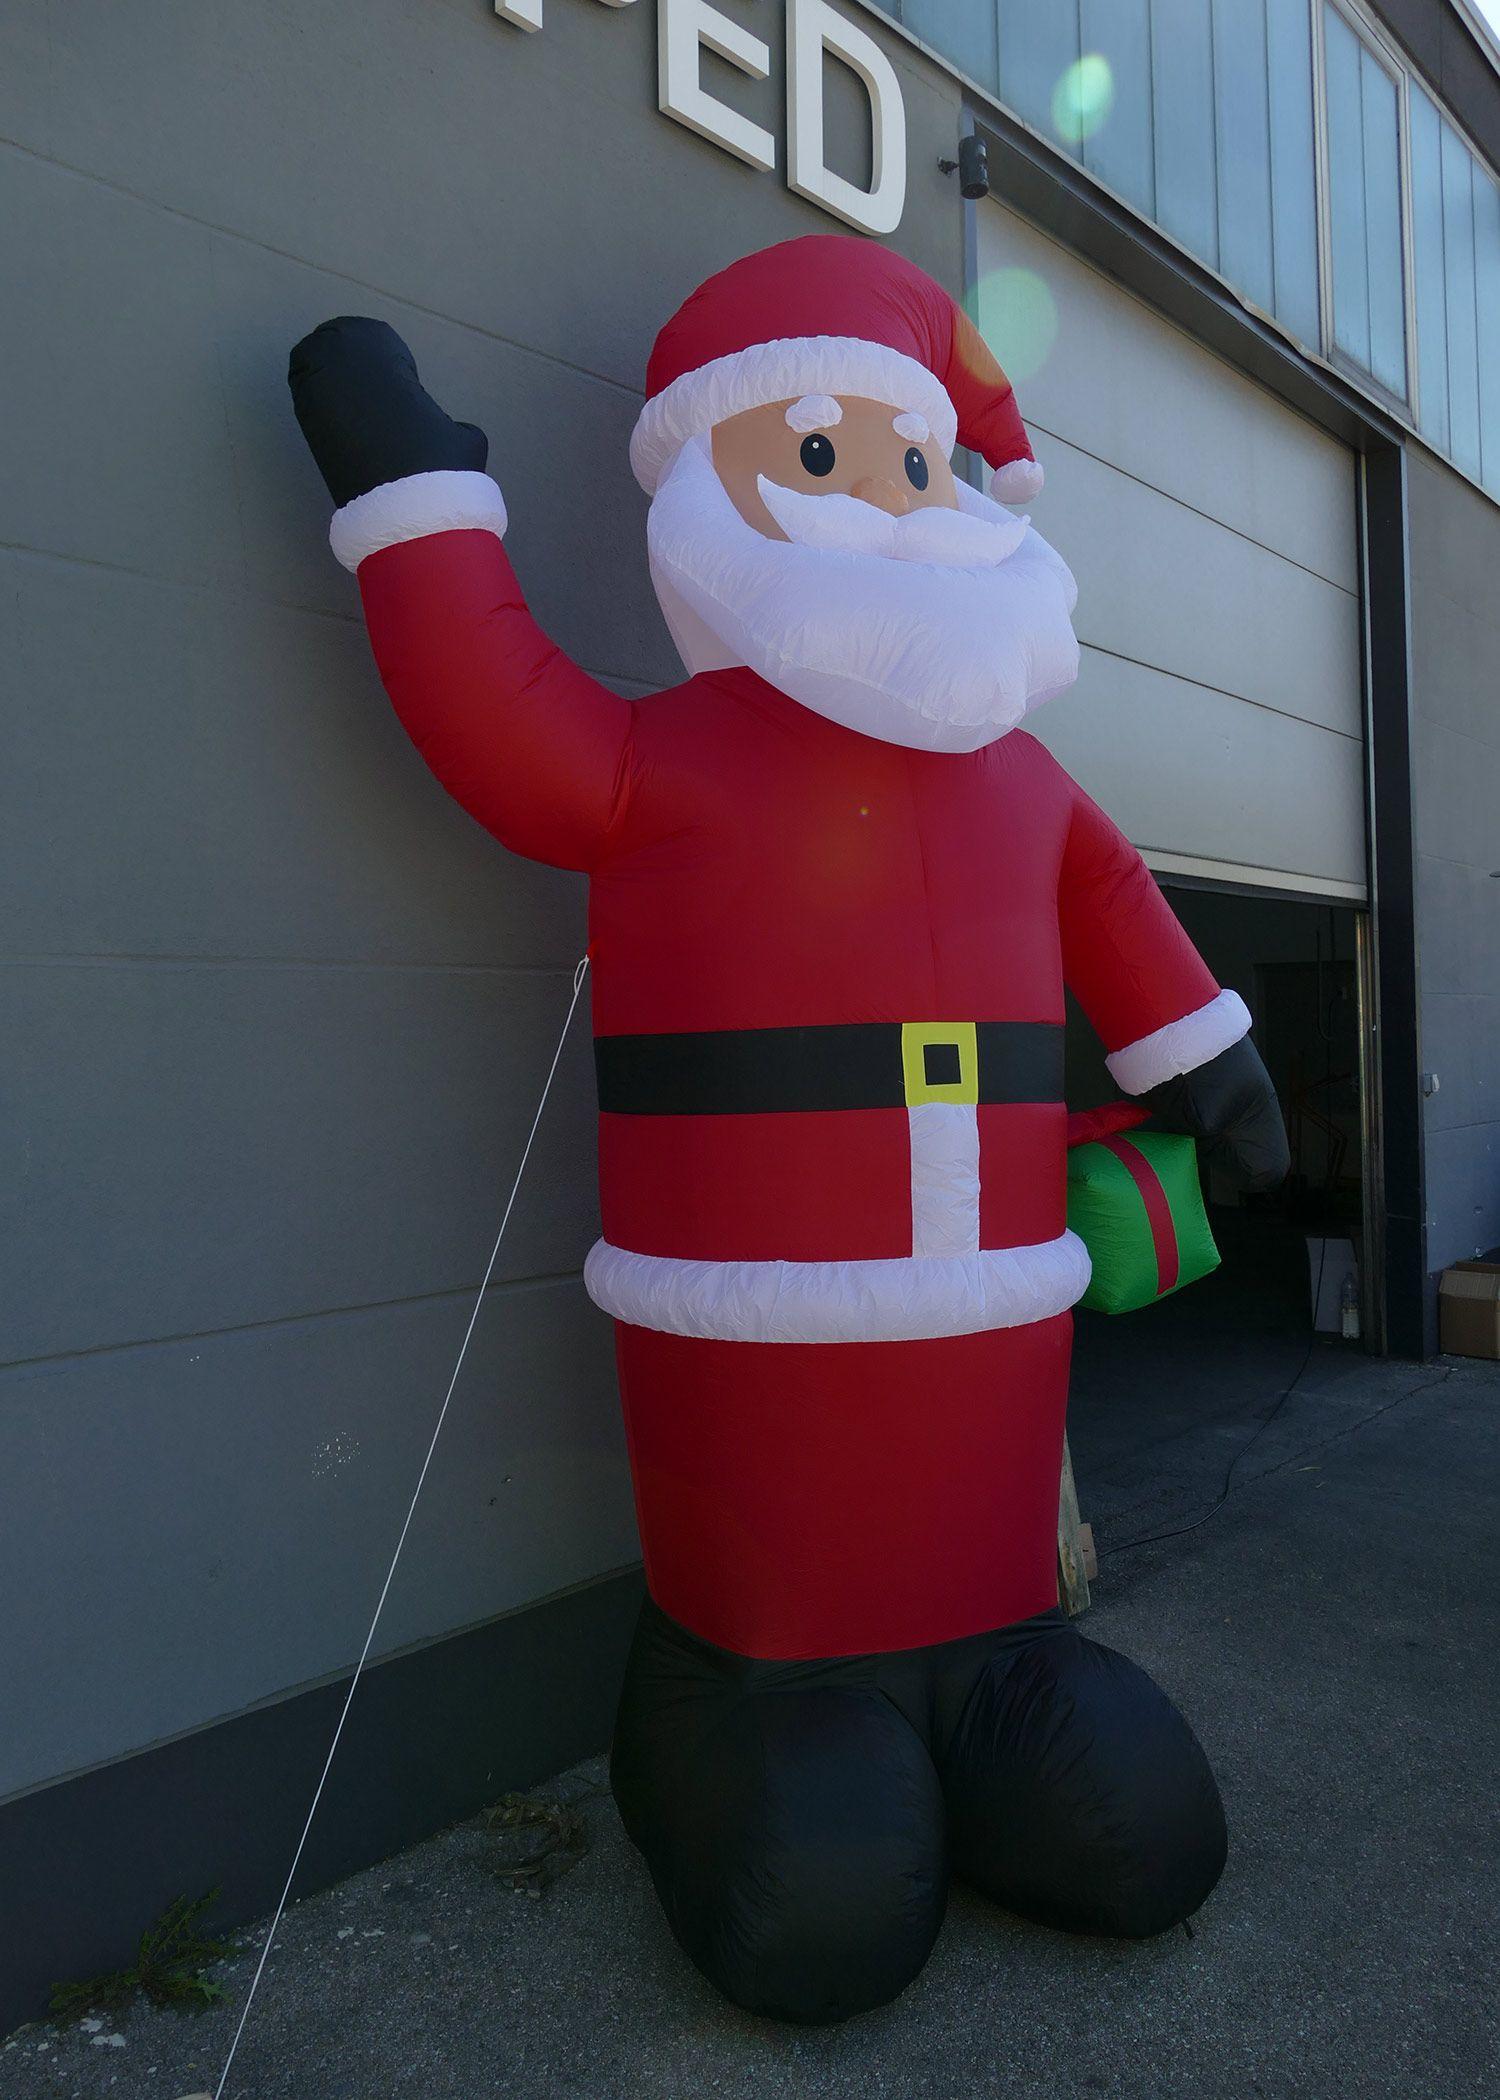 Xxl Weihnachtsmann 300 Cm Hoch Weihnachtsdekoration Für Markt